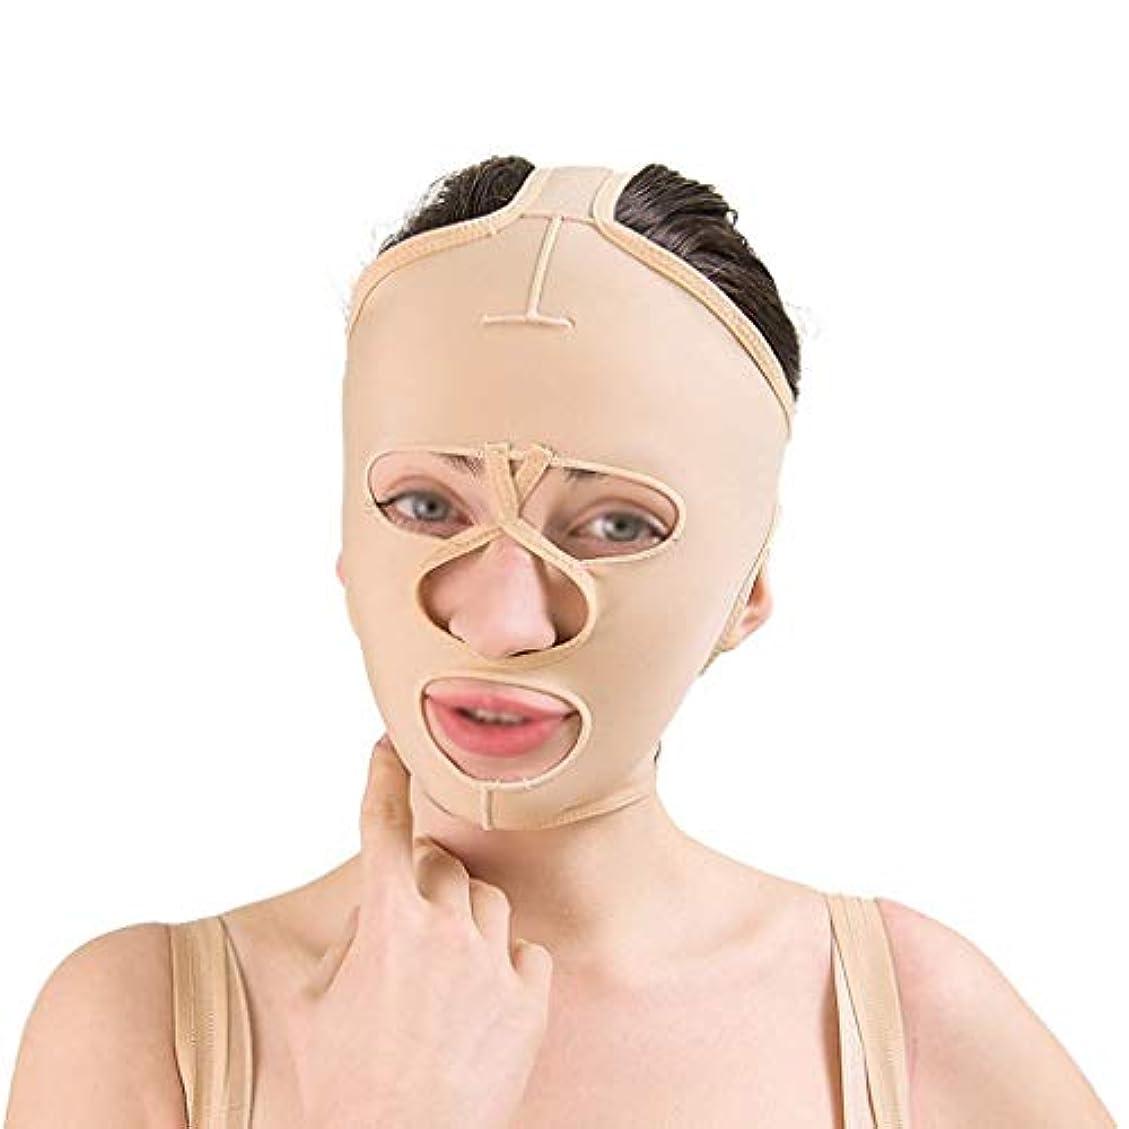 鎮静剤インフラ原子フェイシャルリフティングツール、フェイシャルビューティーリフティングマスク、通気性引き締めリフティングフェイシャル包帯、フェイシャルタイトバンデージ(サイズ:L),ザ?